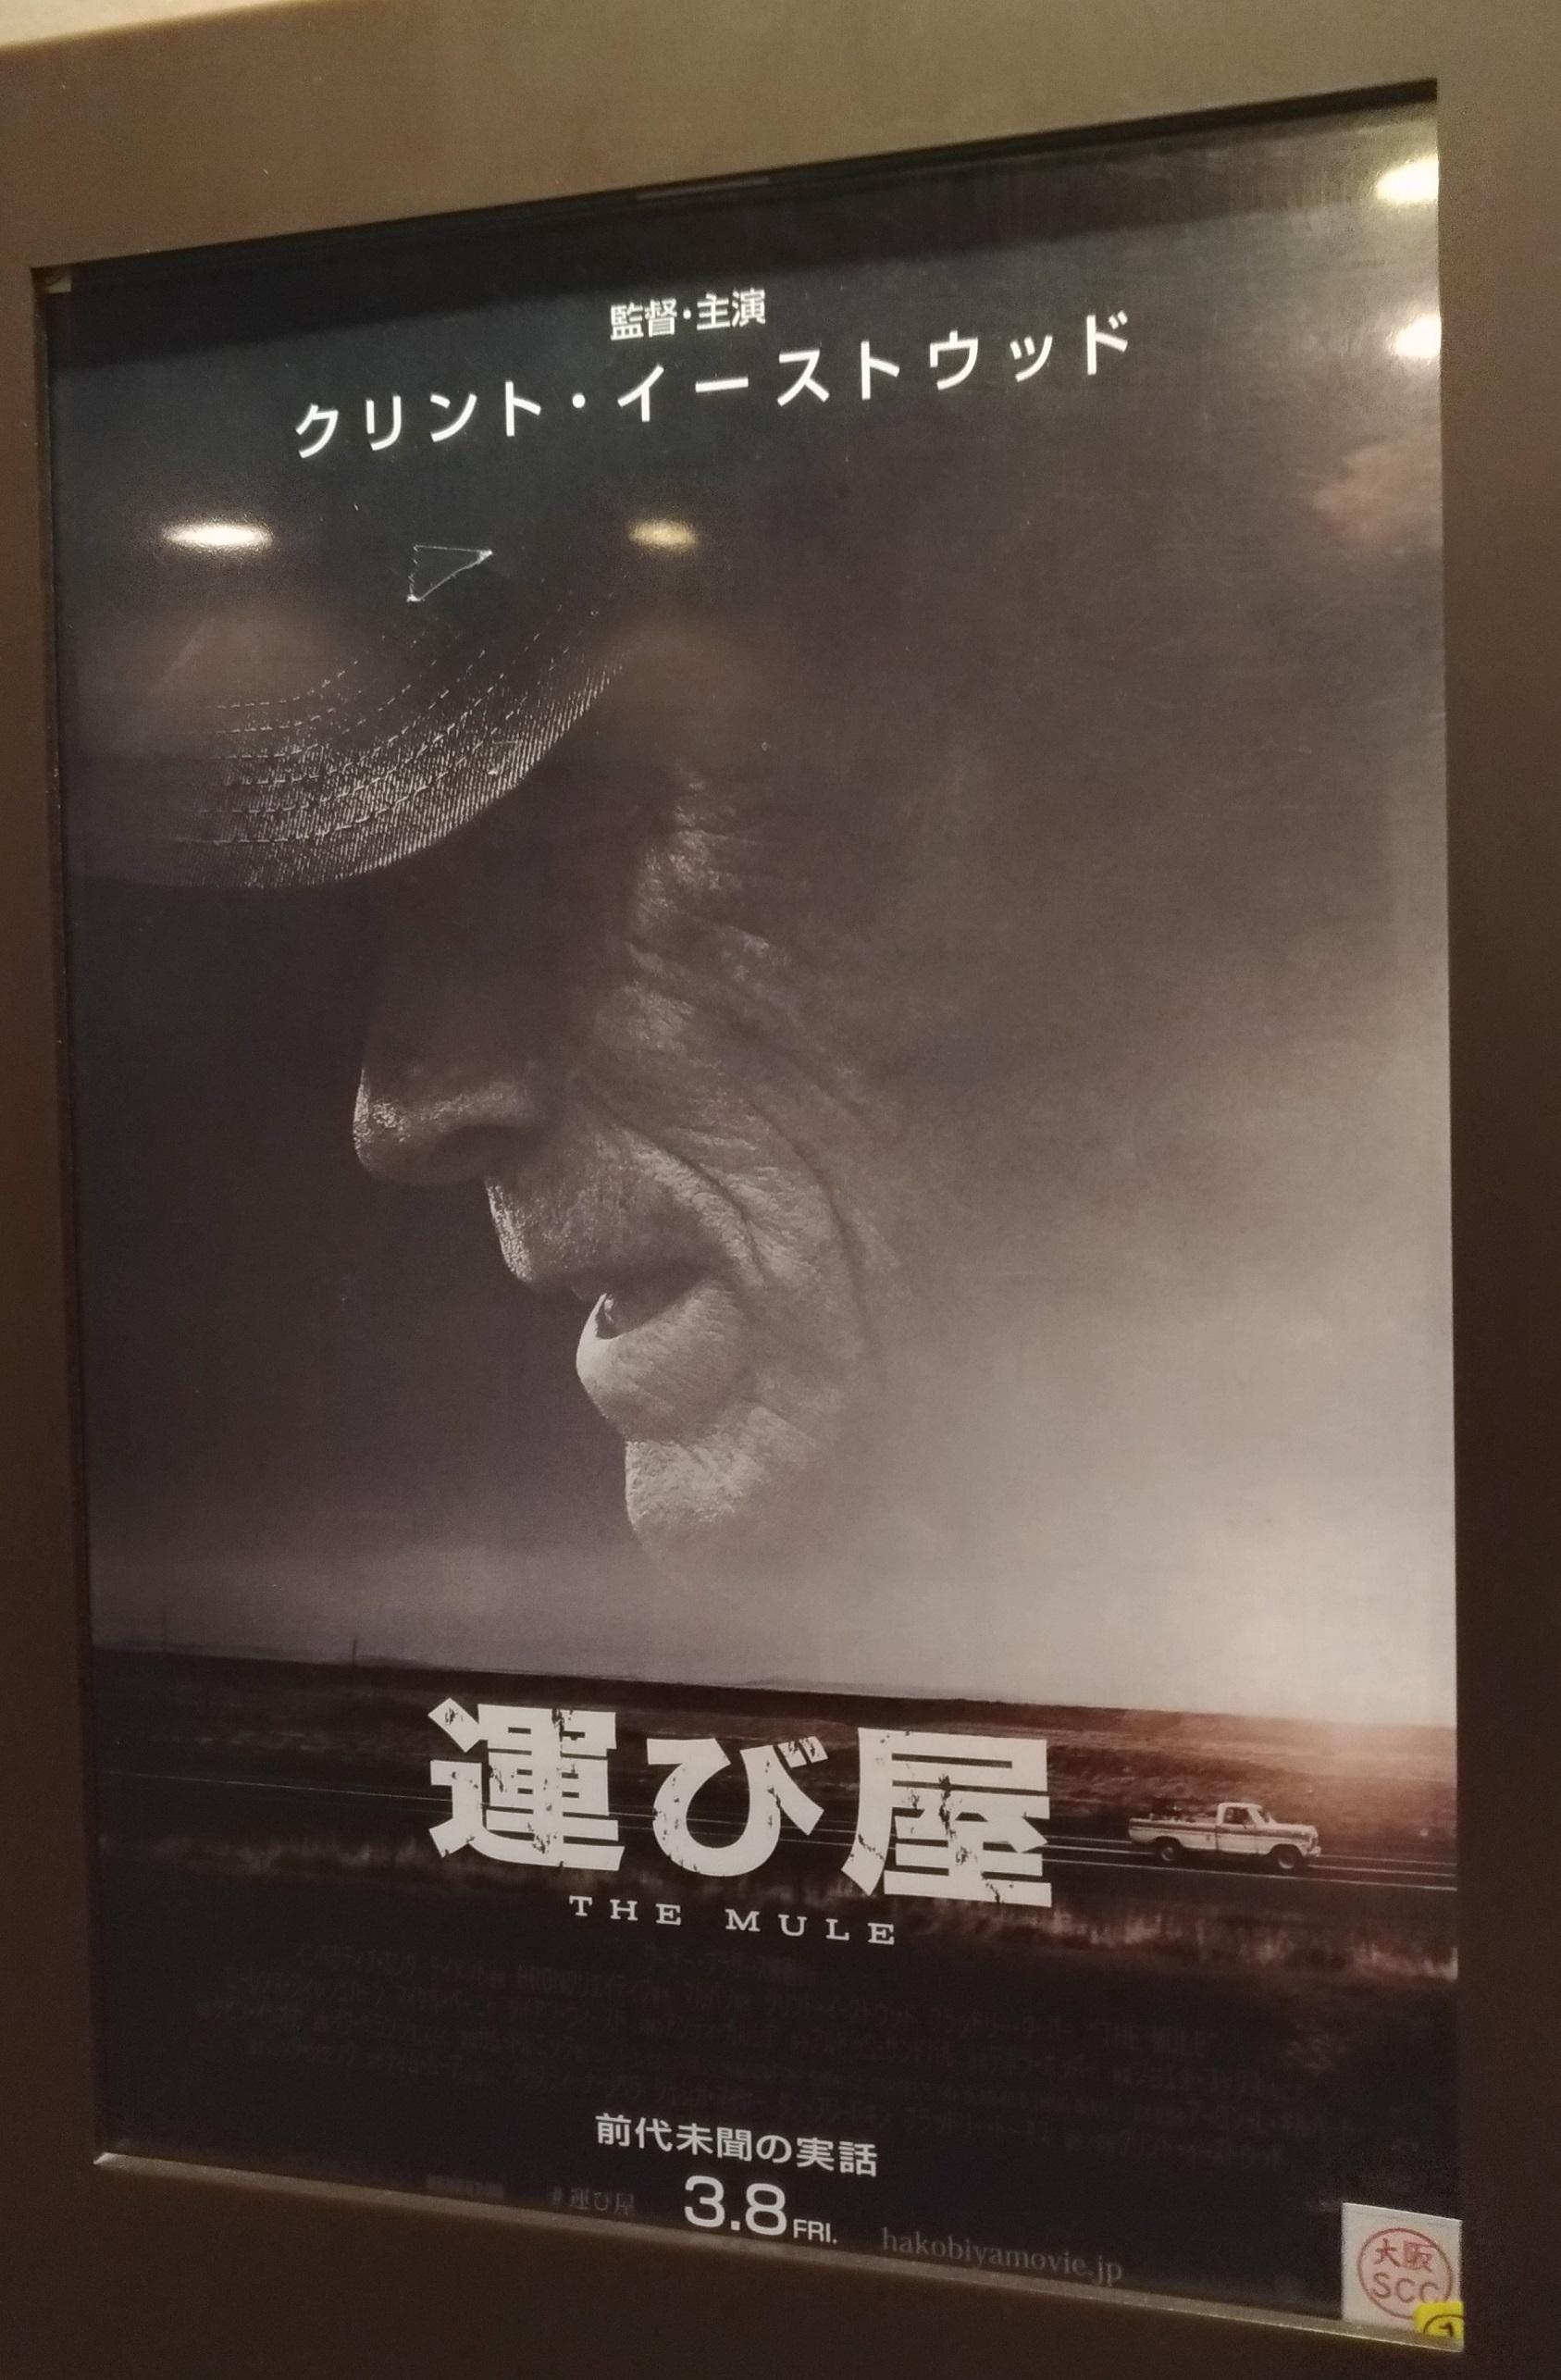 eiga_hakobiya_movies_osaka.jpg